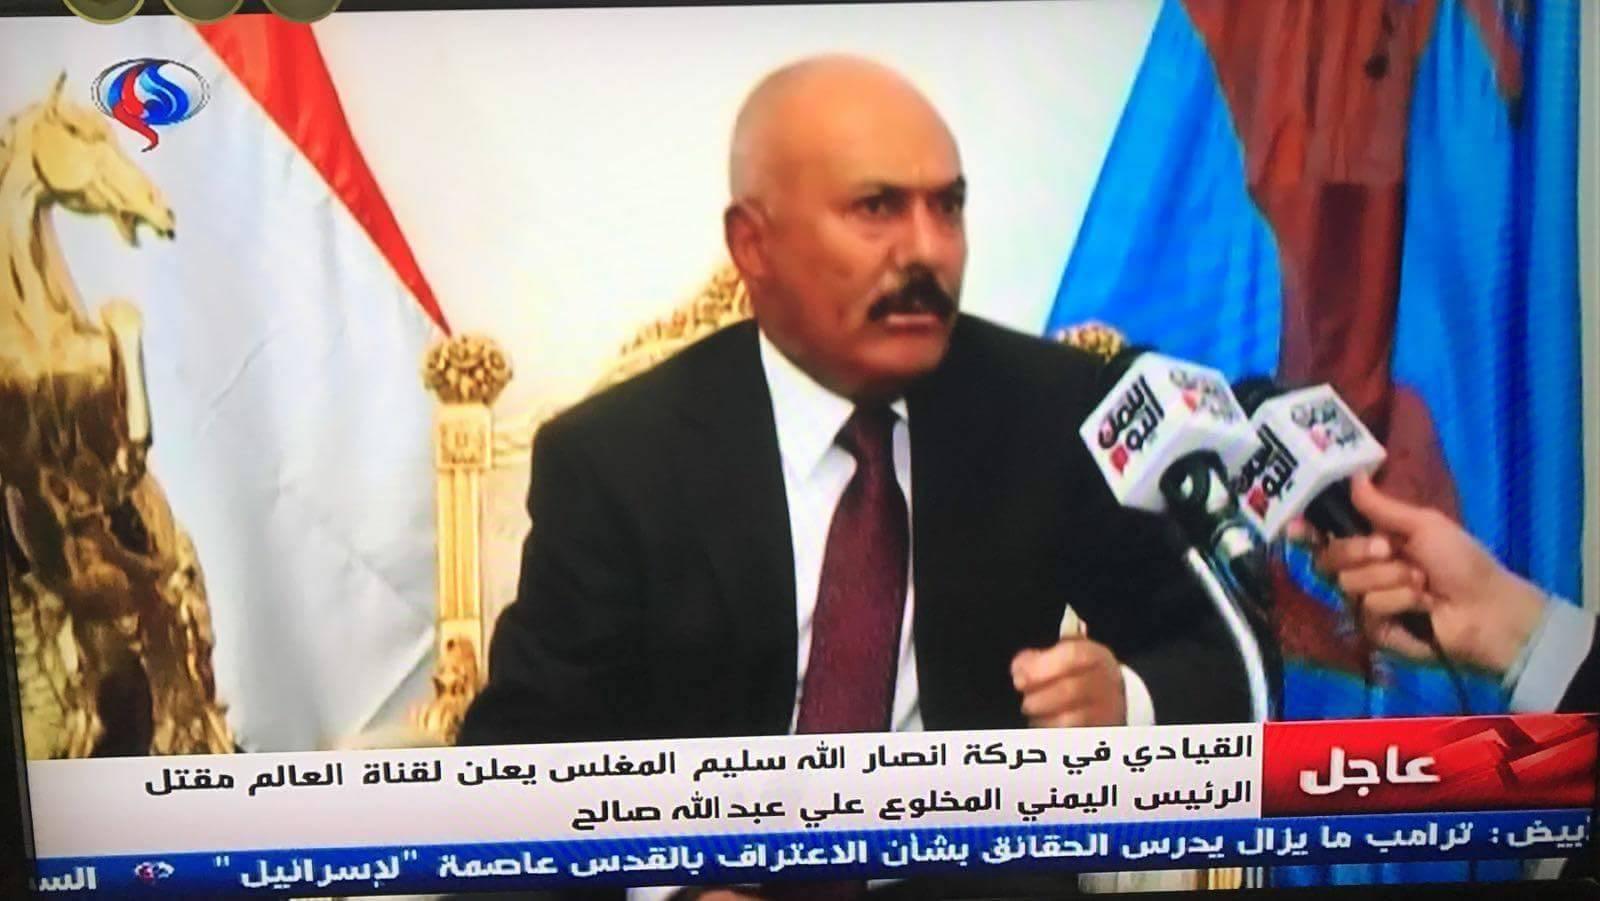 L'un des leaders d'AnsarAllah, Salim Moghlech via le chaîne de la résistance Al Alam, confirme la mort du traître Ali Abdallah Saleh